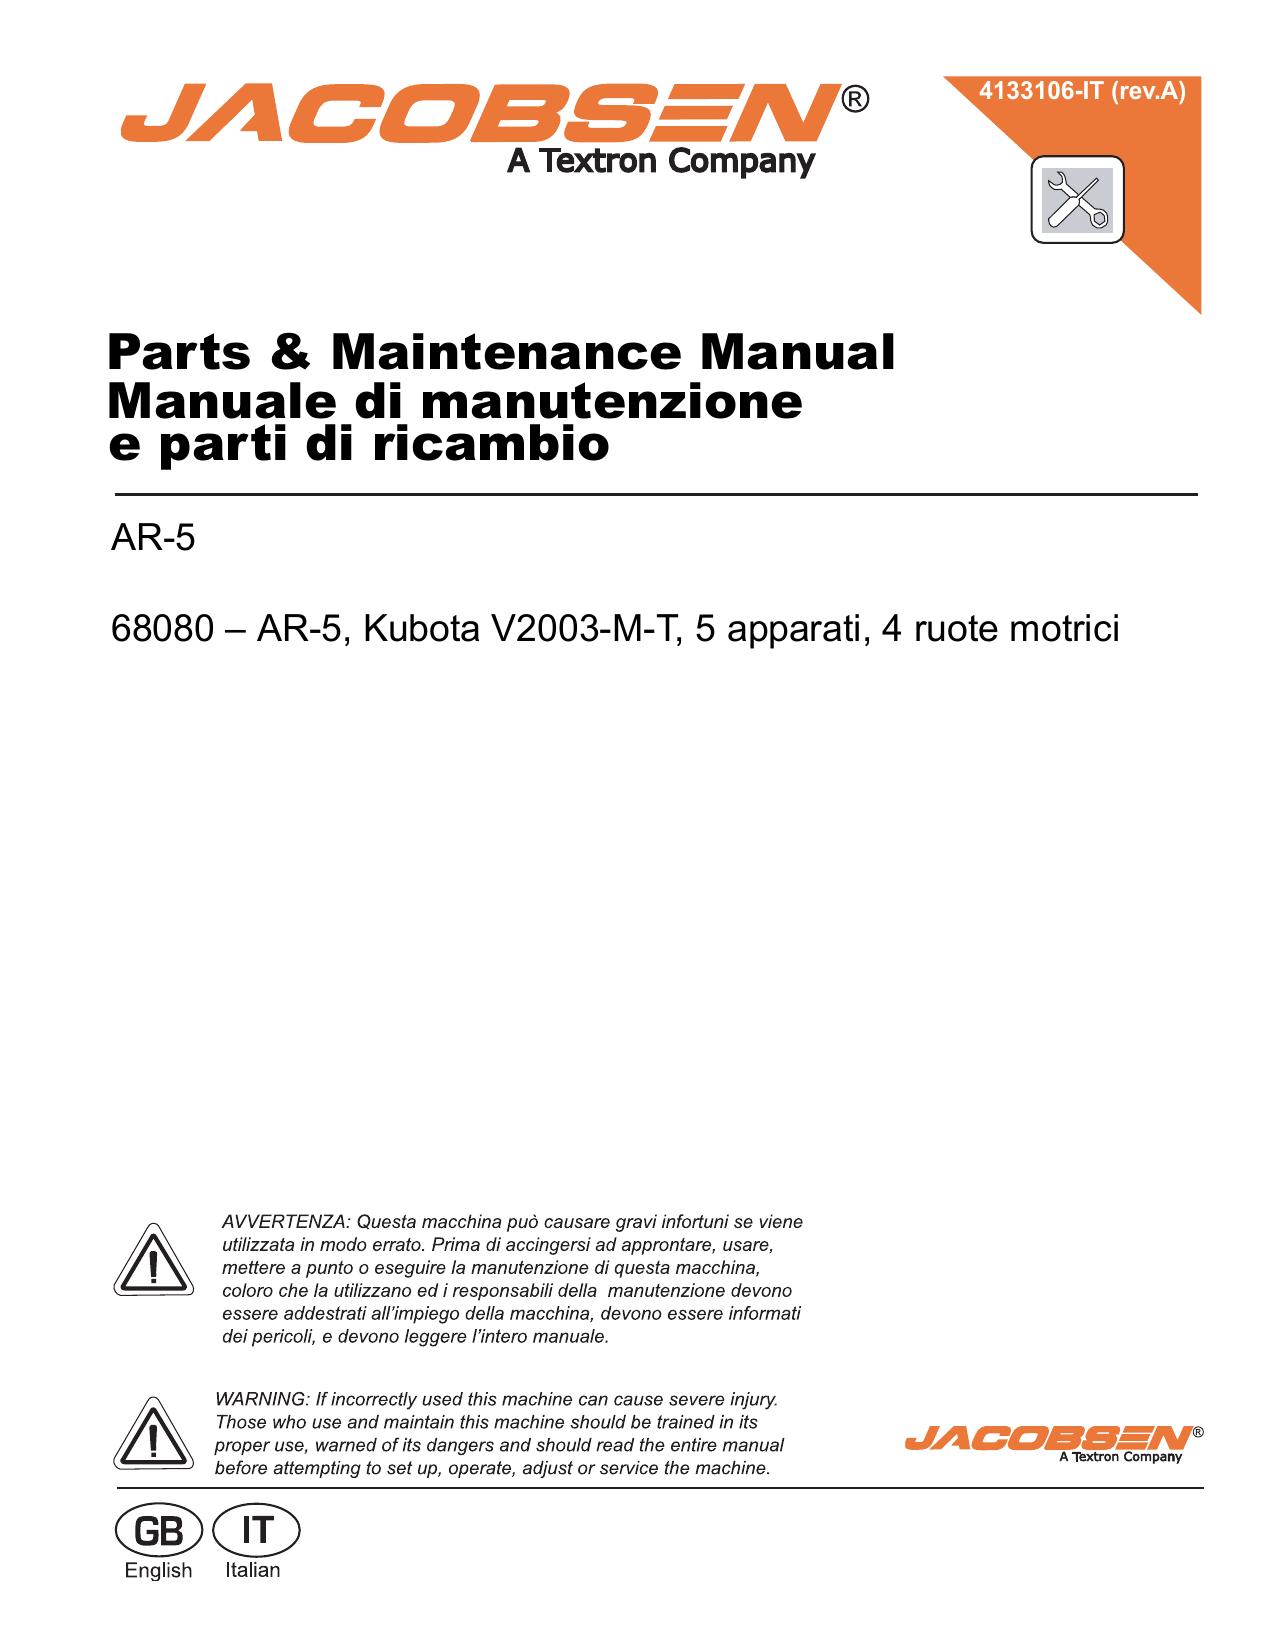 Manuale Di Manutenzione E Parti Ricambio Parts How To Wire 2 Separate Single Pole Switches Lightssw